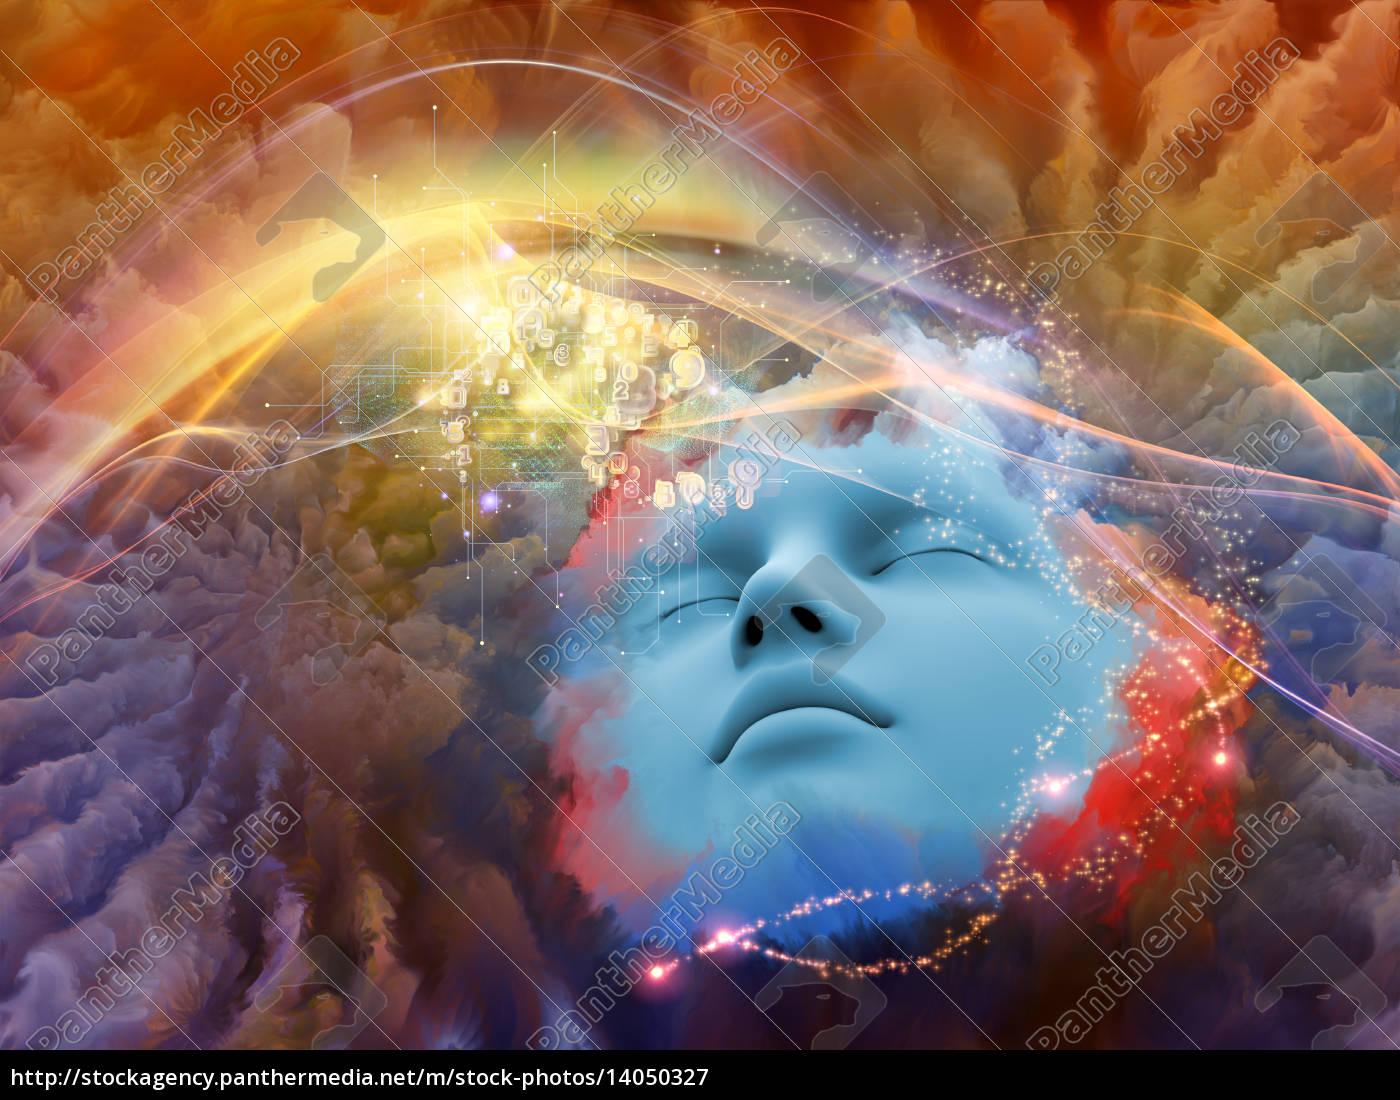 advance, of, dream - 14050327